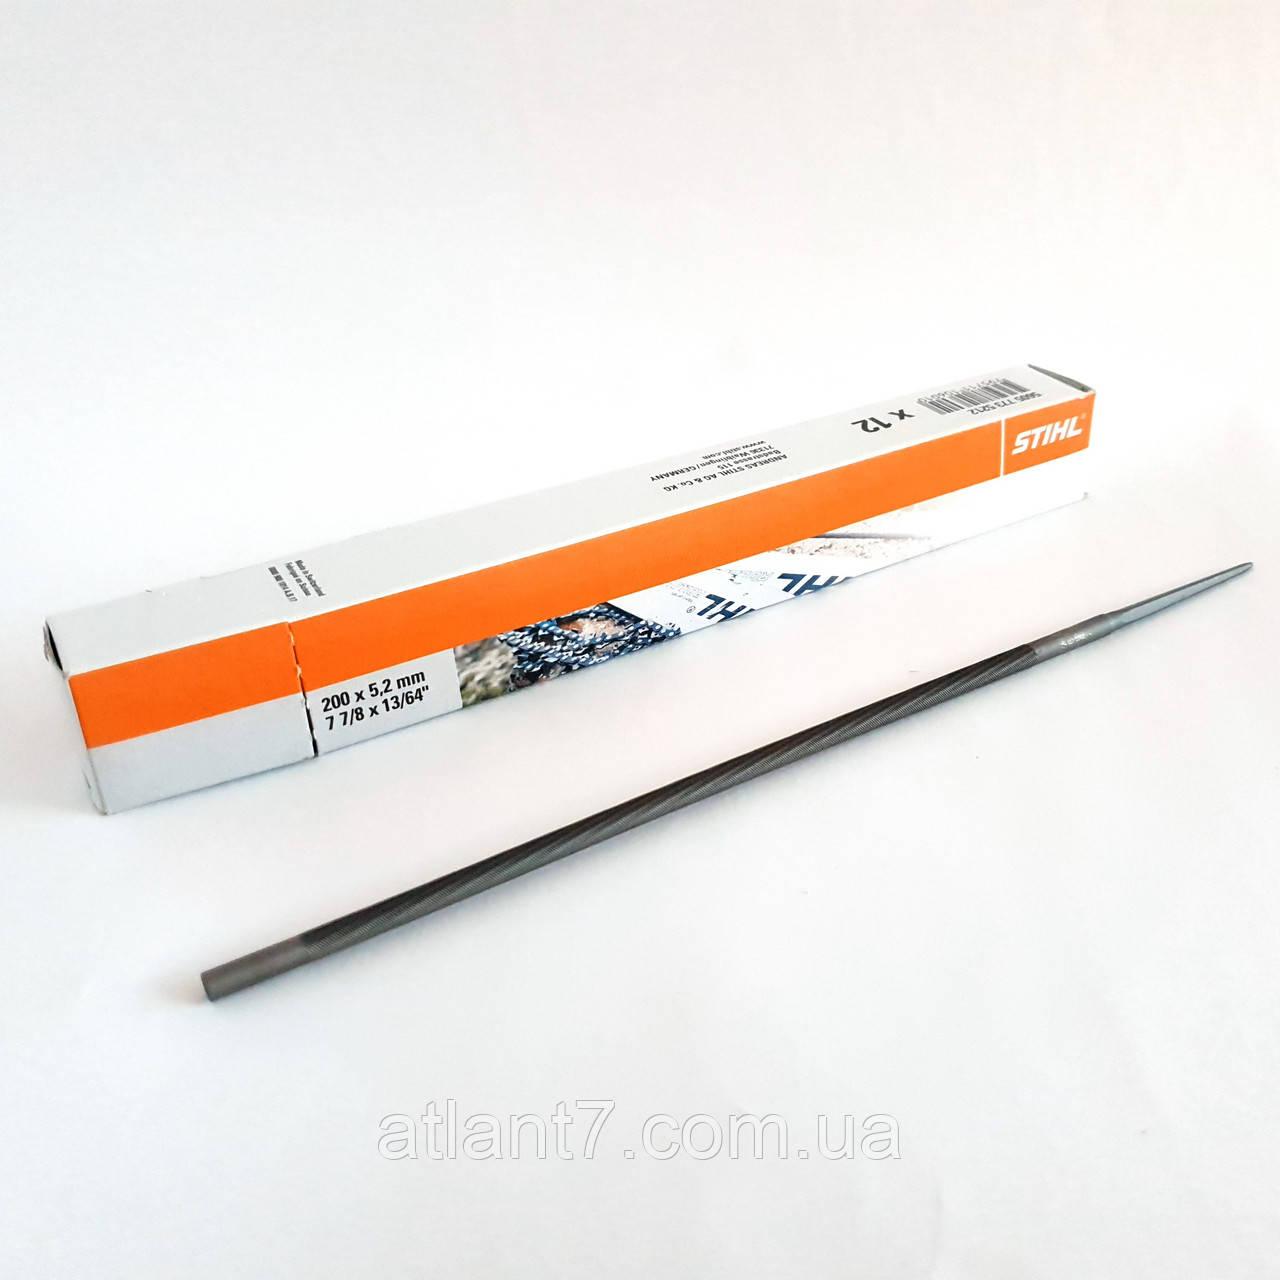 Напильник Штиль 5,2 оригинал для бензопил Штиль 361,290,440 Хускварна 365,372; Мотор Сич